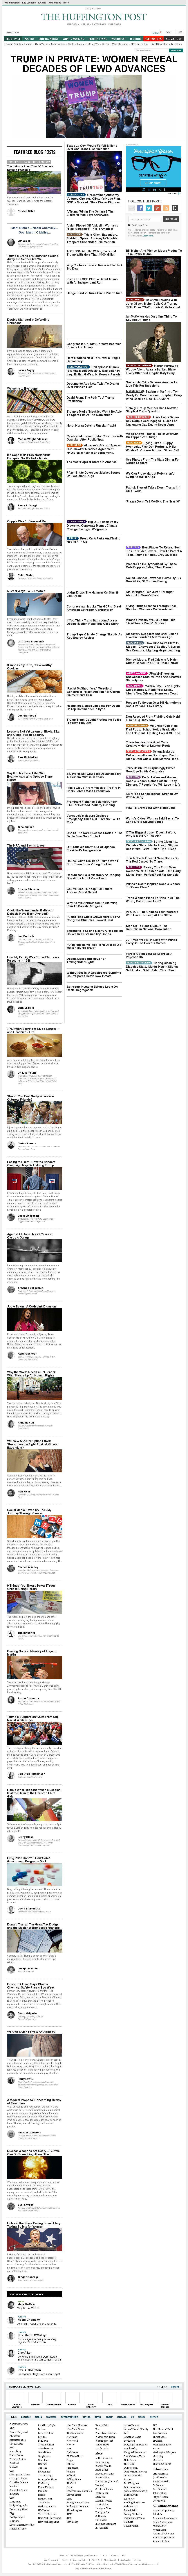 The Huffington Post at Saturday May 14, 2016, 7:07 p.m. UTC